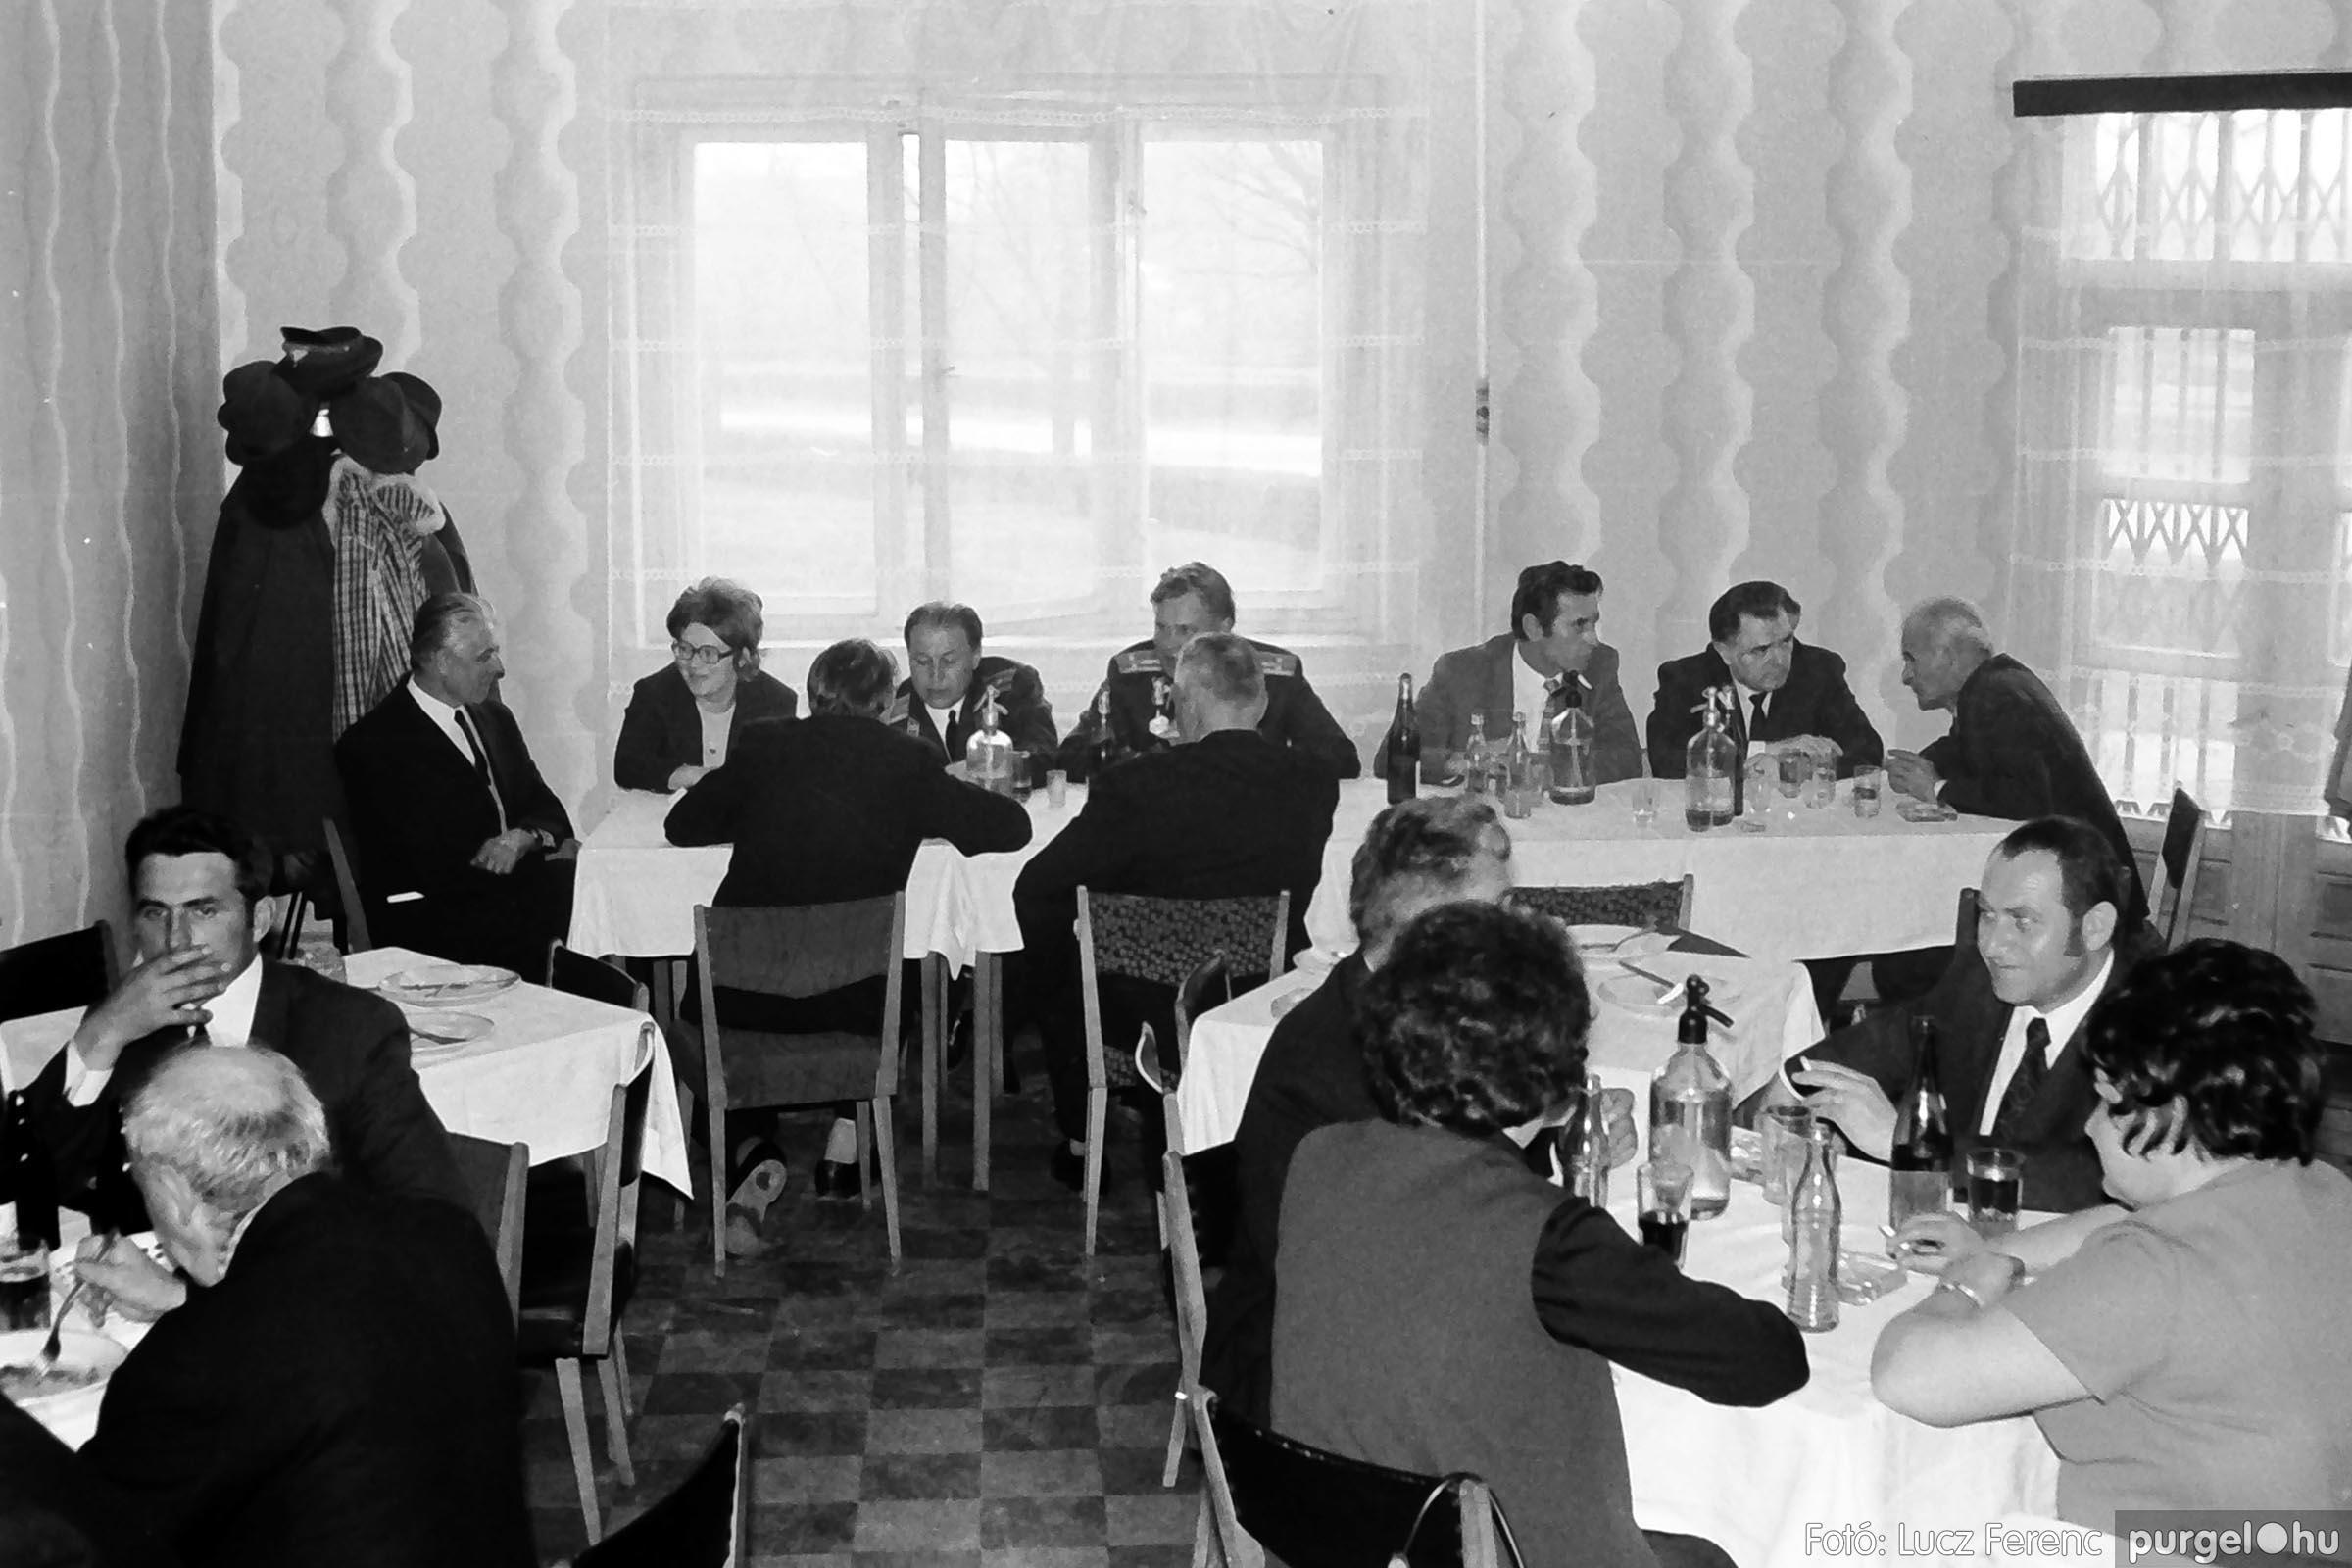 009 1975.04.04. Április 4-i ünnepség utáni fogadás a vendéglőben 006 - Fotó: Lucz Ferenc IMG00177q.jpg